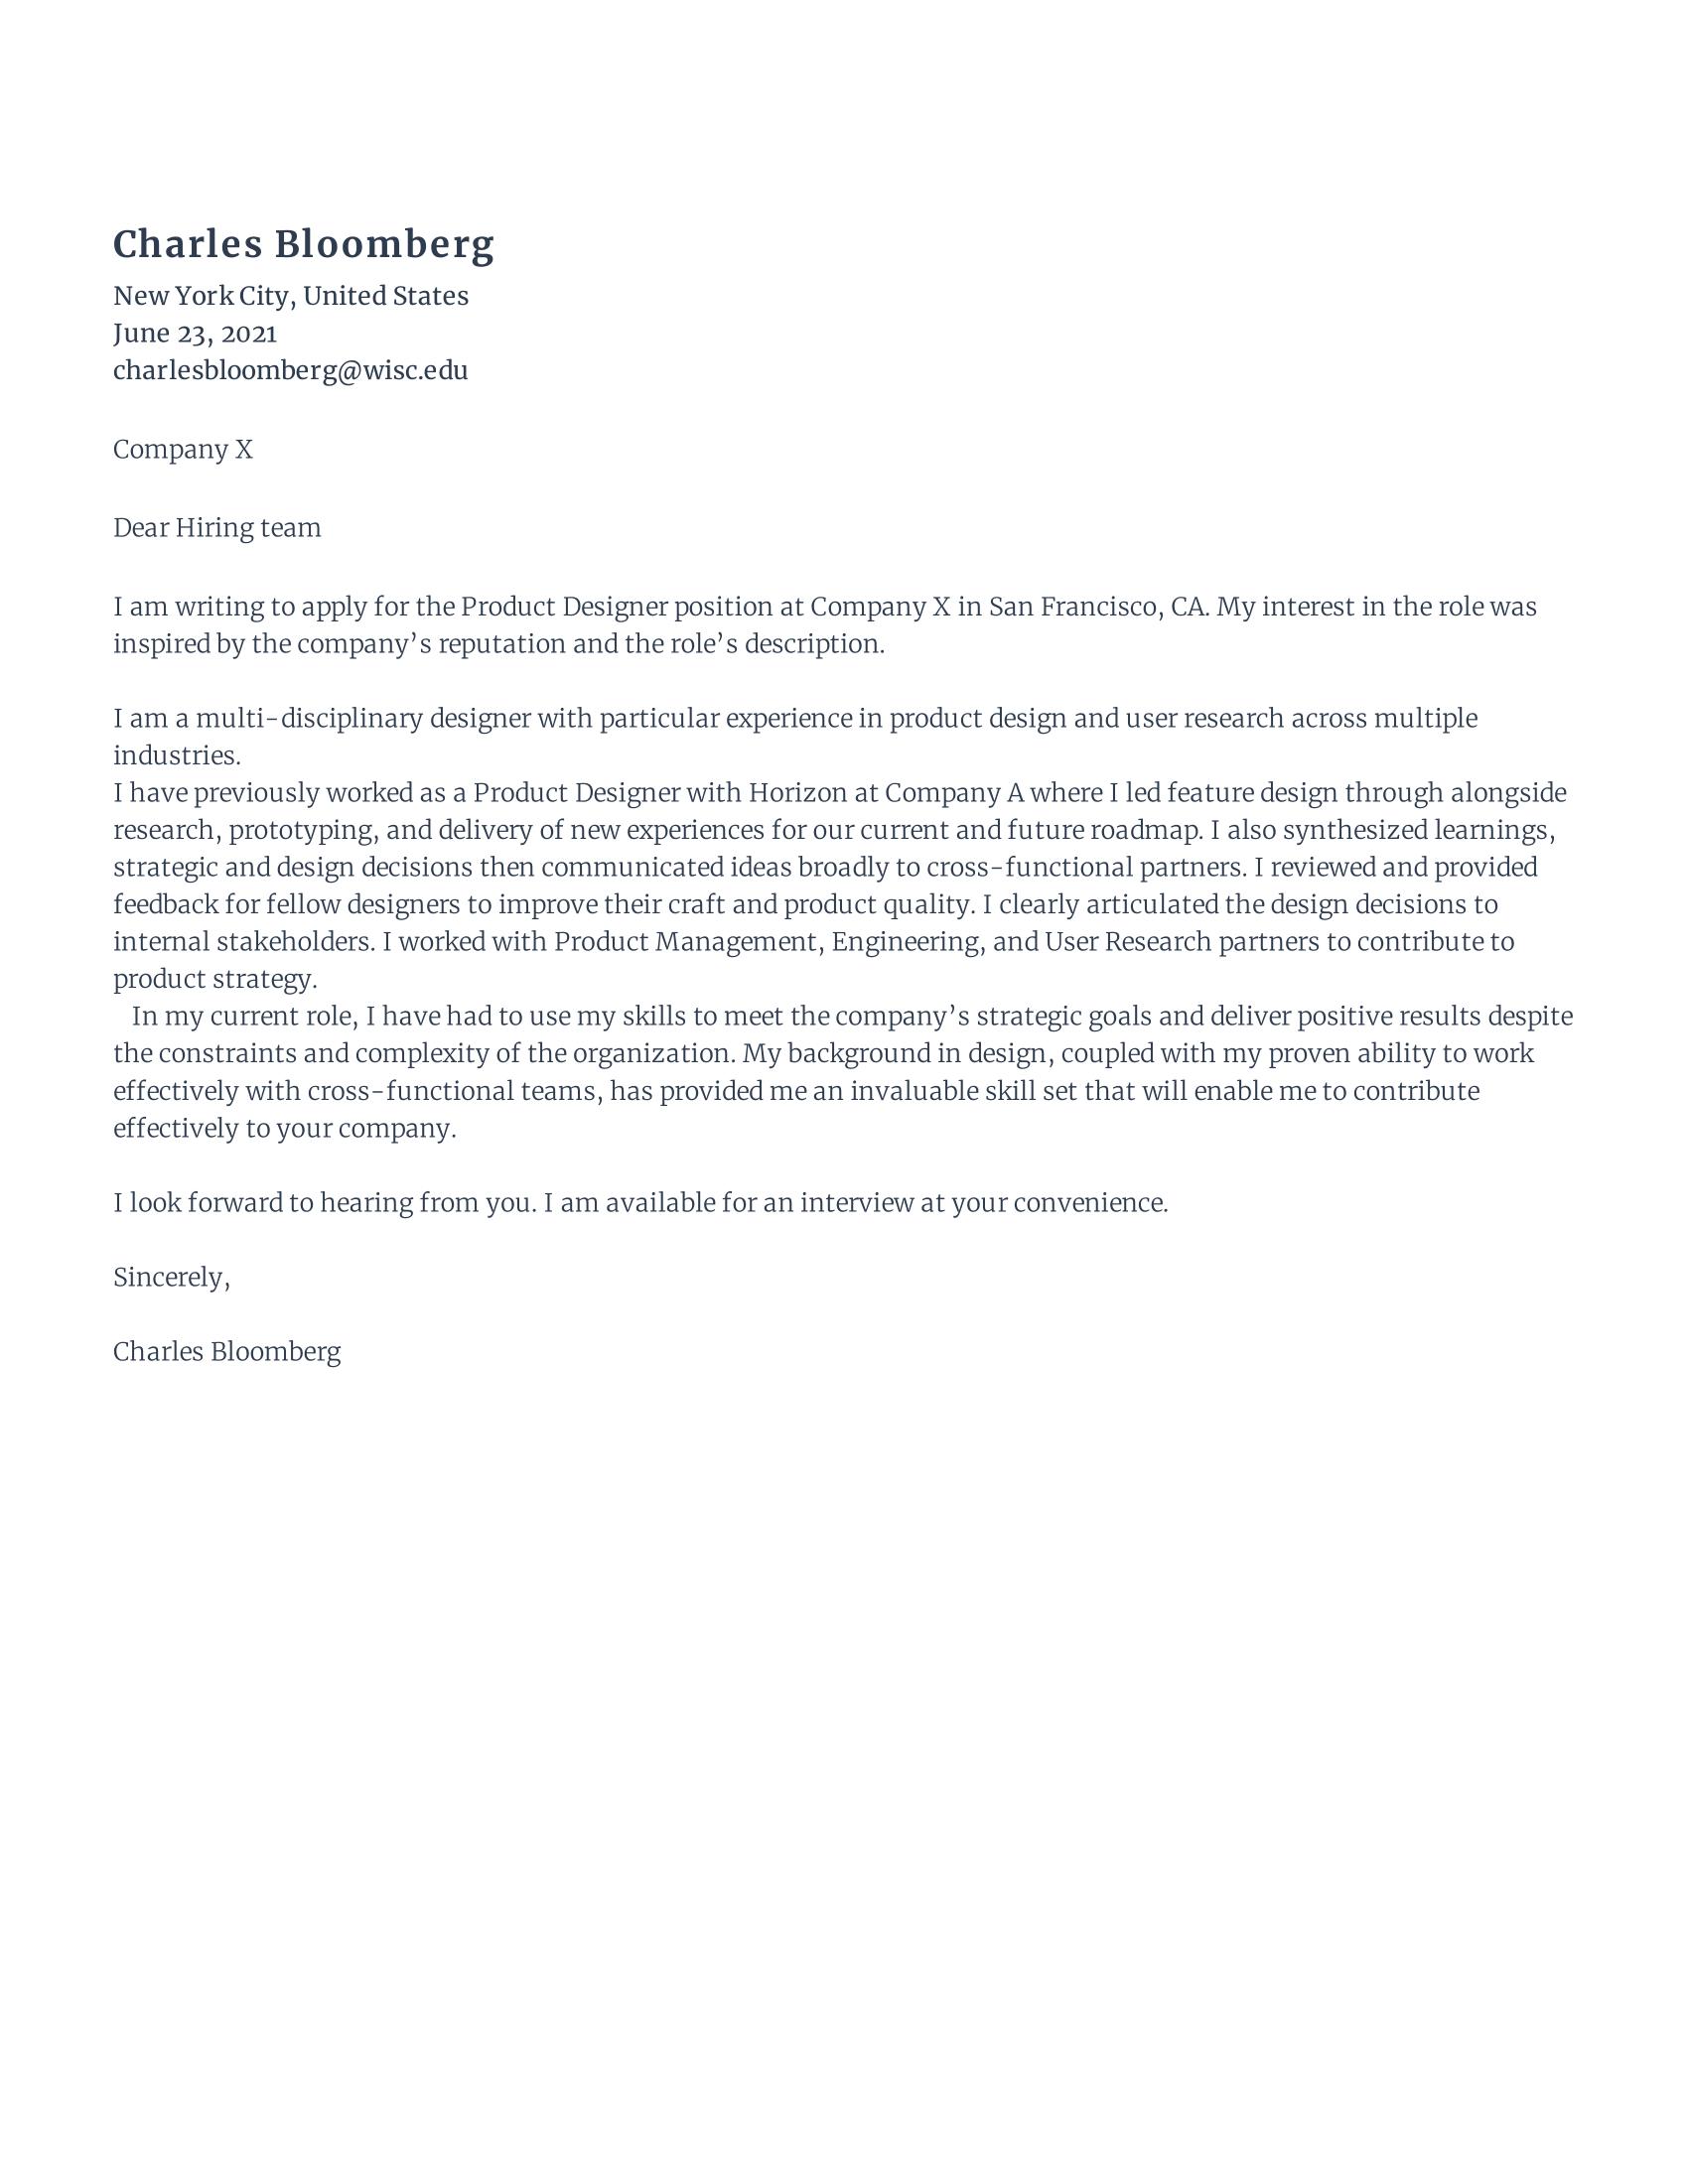 Senior Product Designer Cover Letter